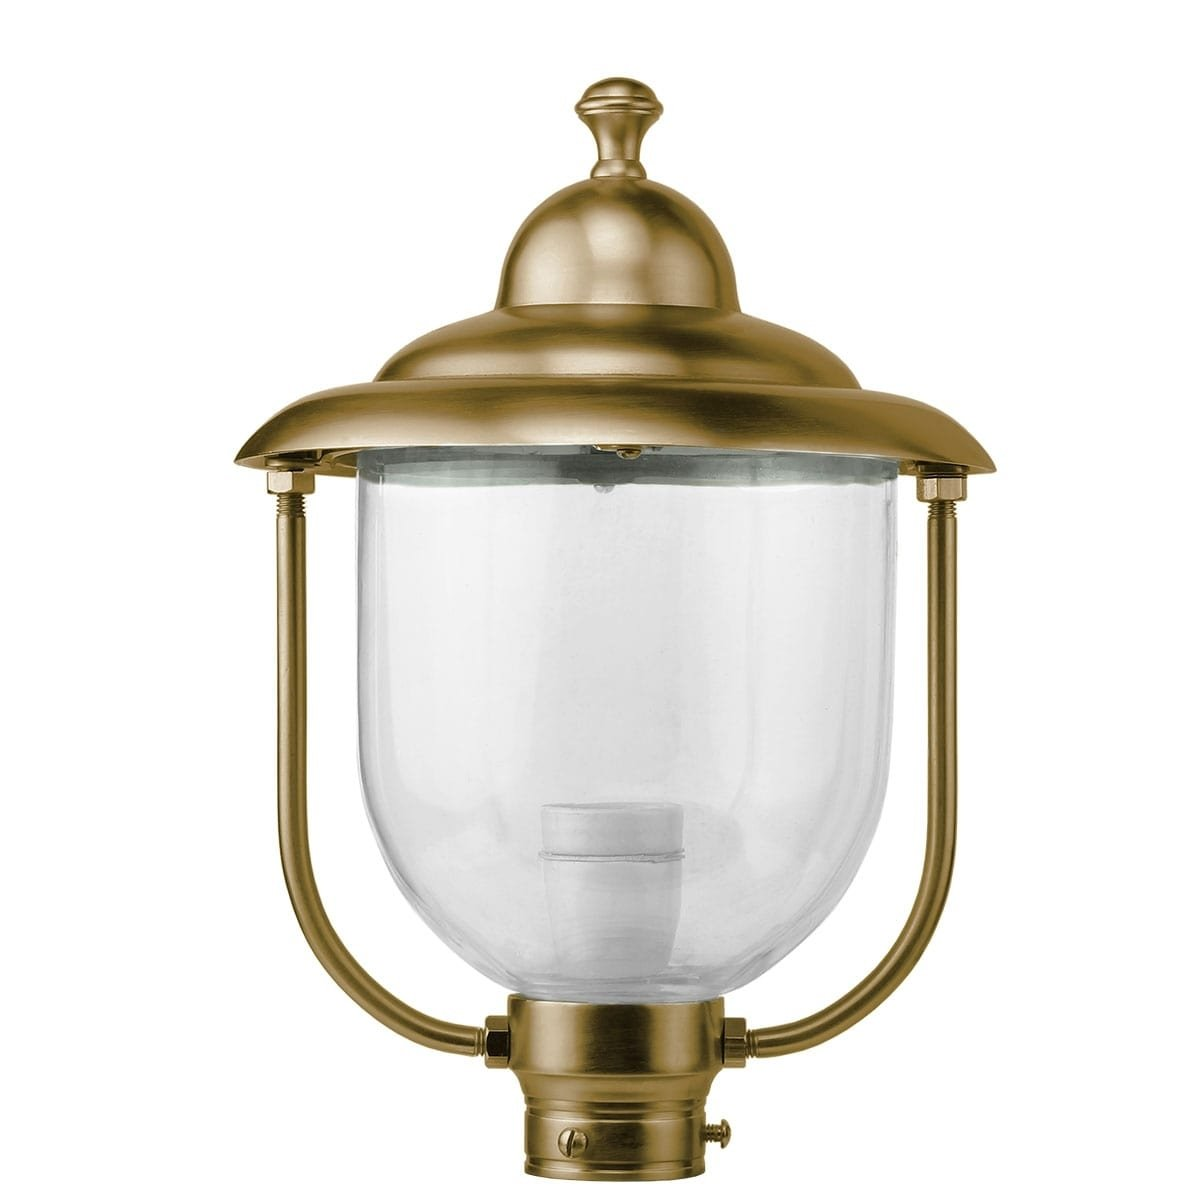 Außenbeleuchtung Klassisch Ländlich Einzelne lampenschirm bronze K62BR - 35 cm